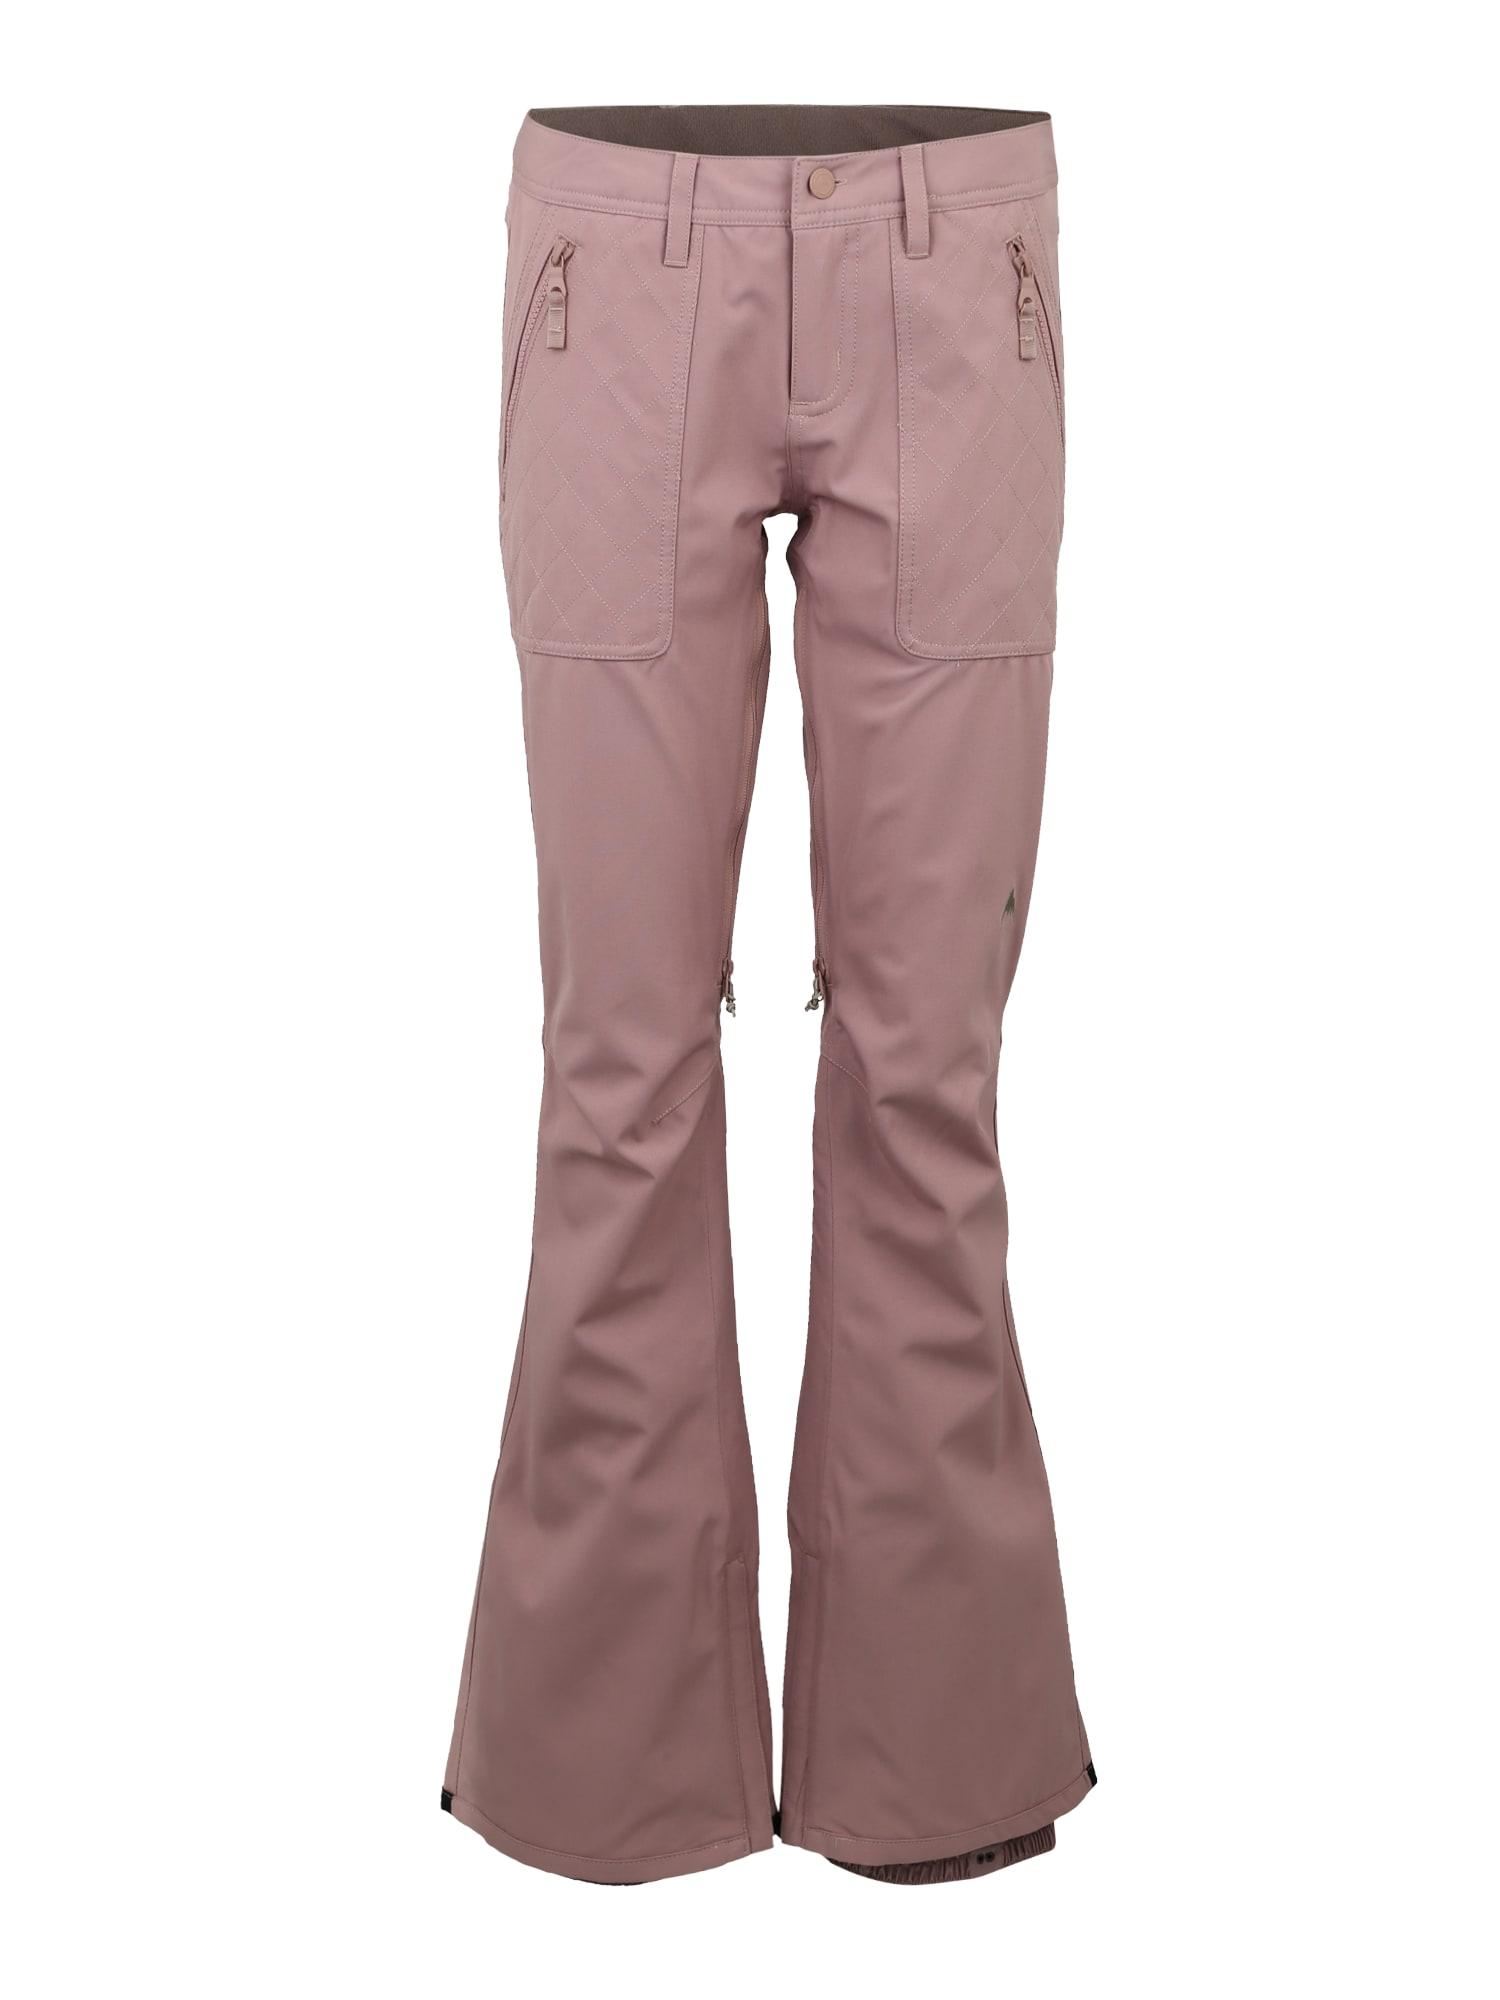 Outdoorové kalhoty VIDA růžová BURTON